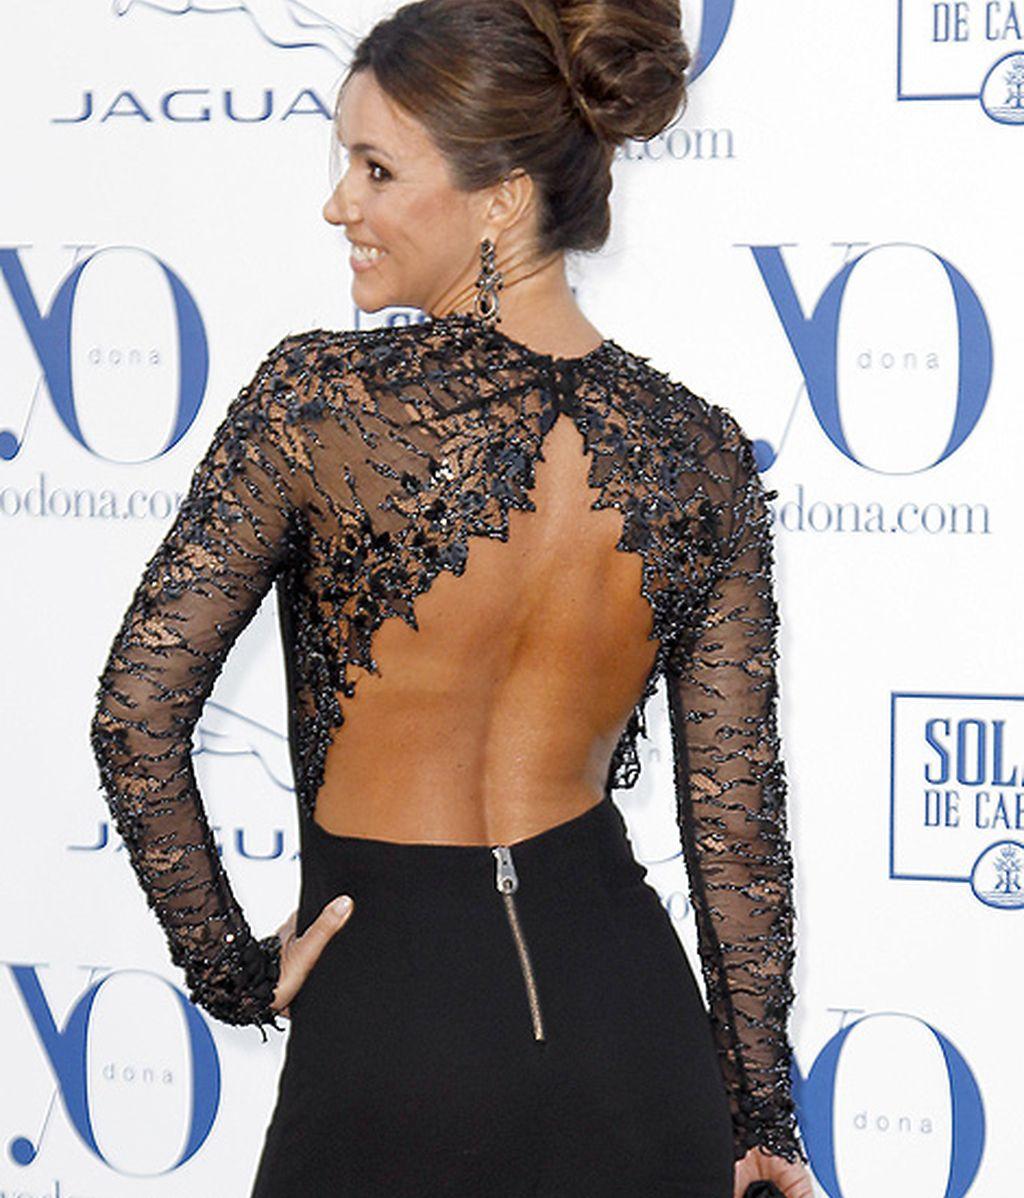 Arancha del Sol eligió un vestido negro con escote en la espalda y aberturas en las piernas